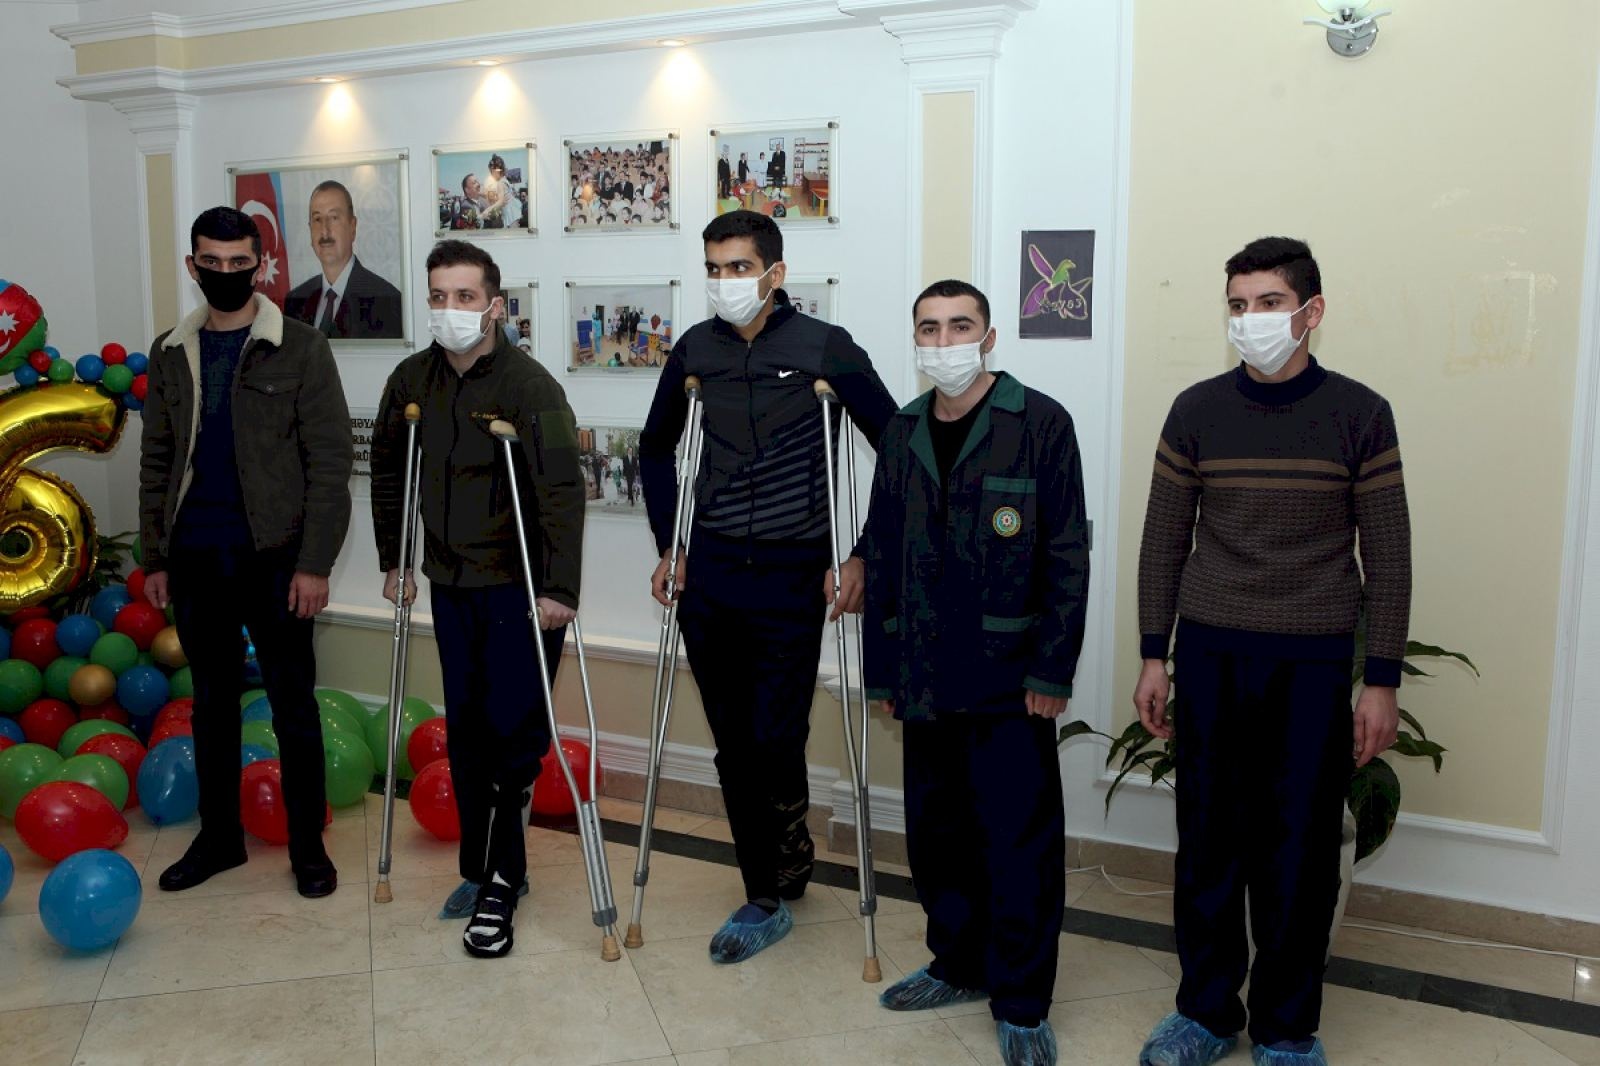 Социально-психологические реабилитационные услуги оказаны 260 раненым в Отечественной войне